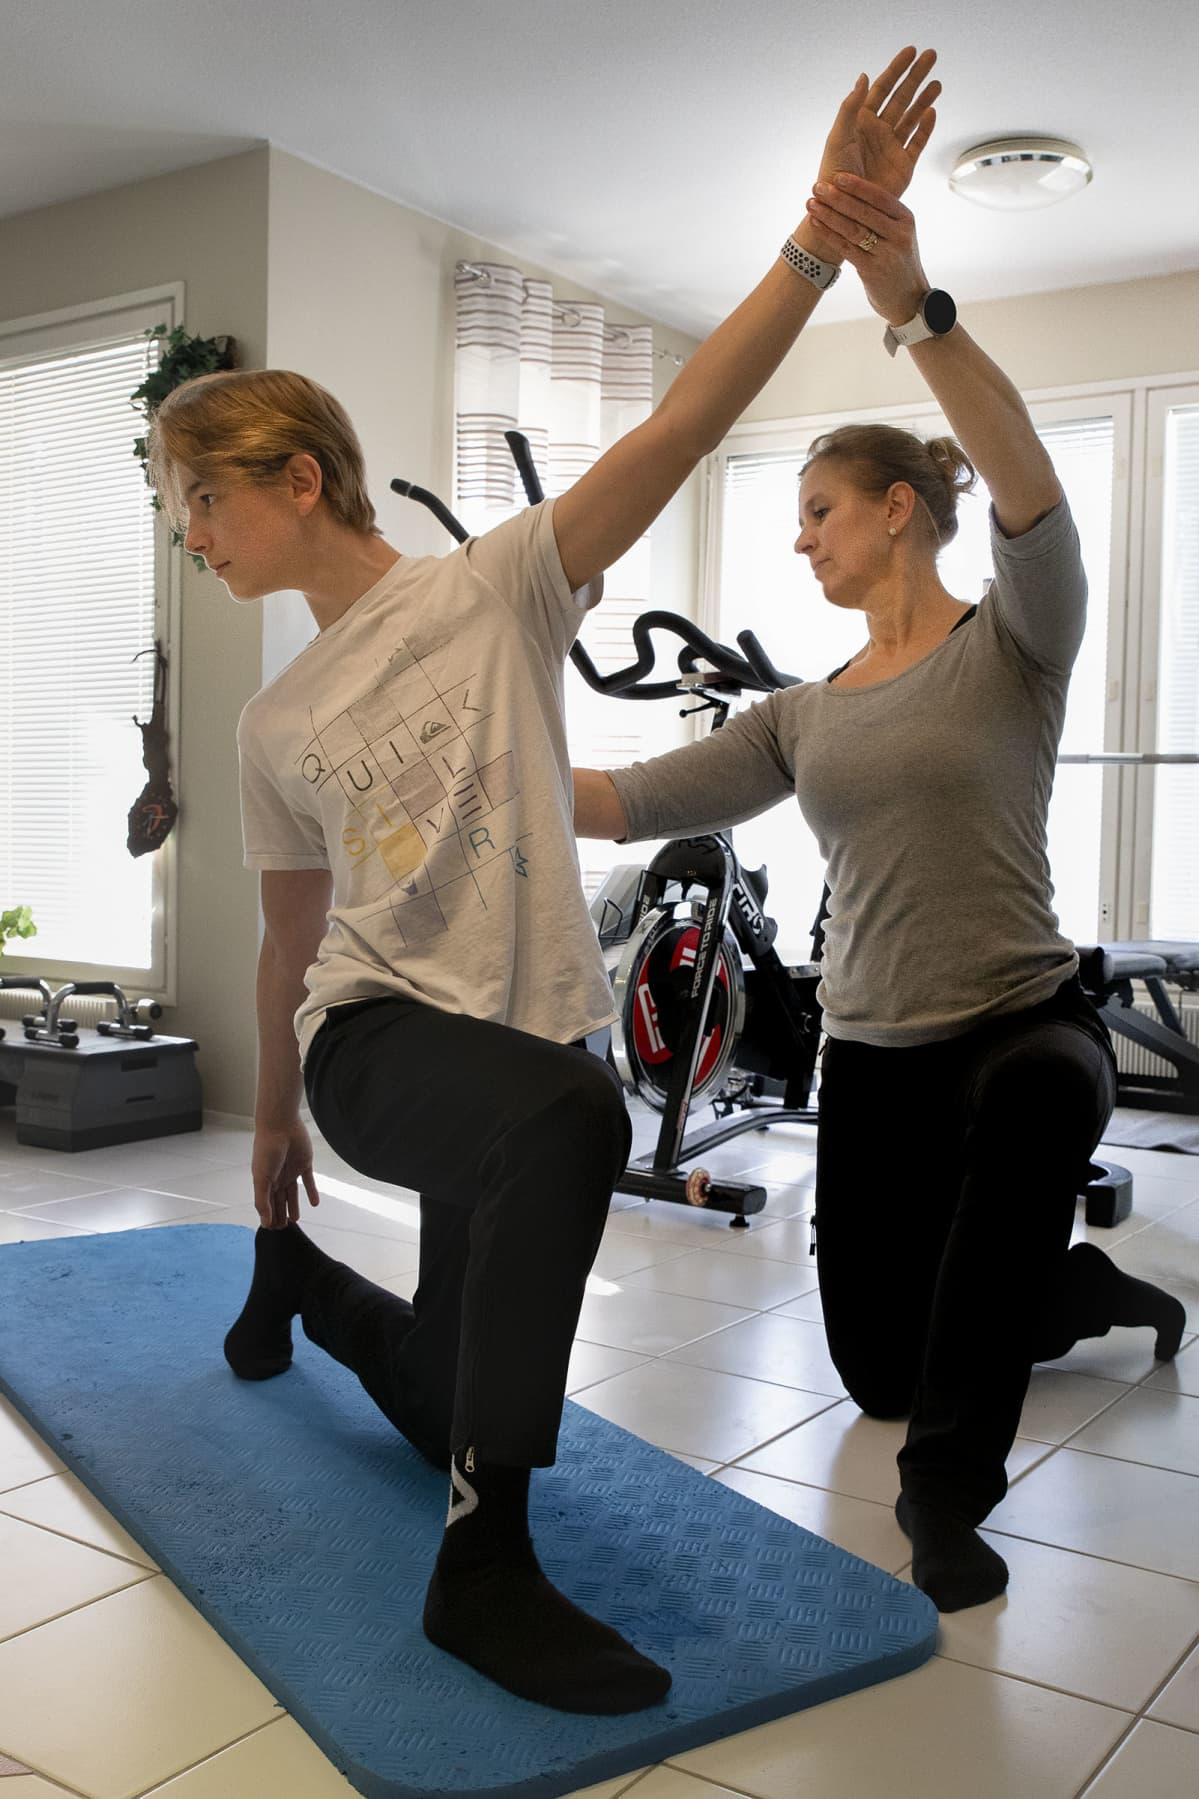 Äiti opettaa pojalleen liikuntaa kotona etäkoulussa.